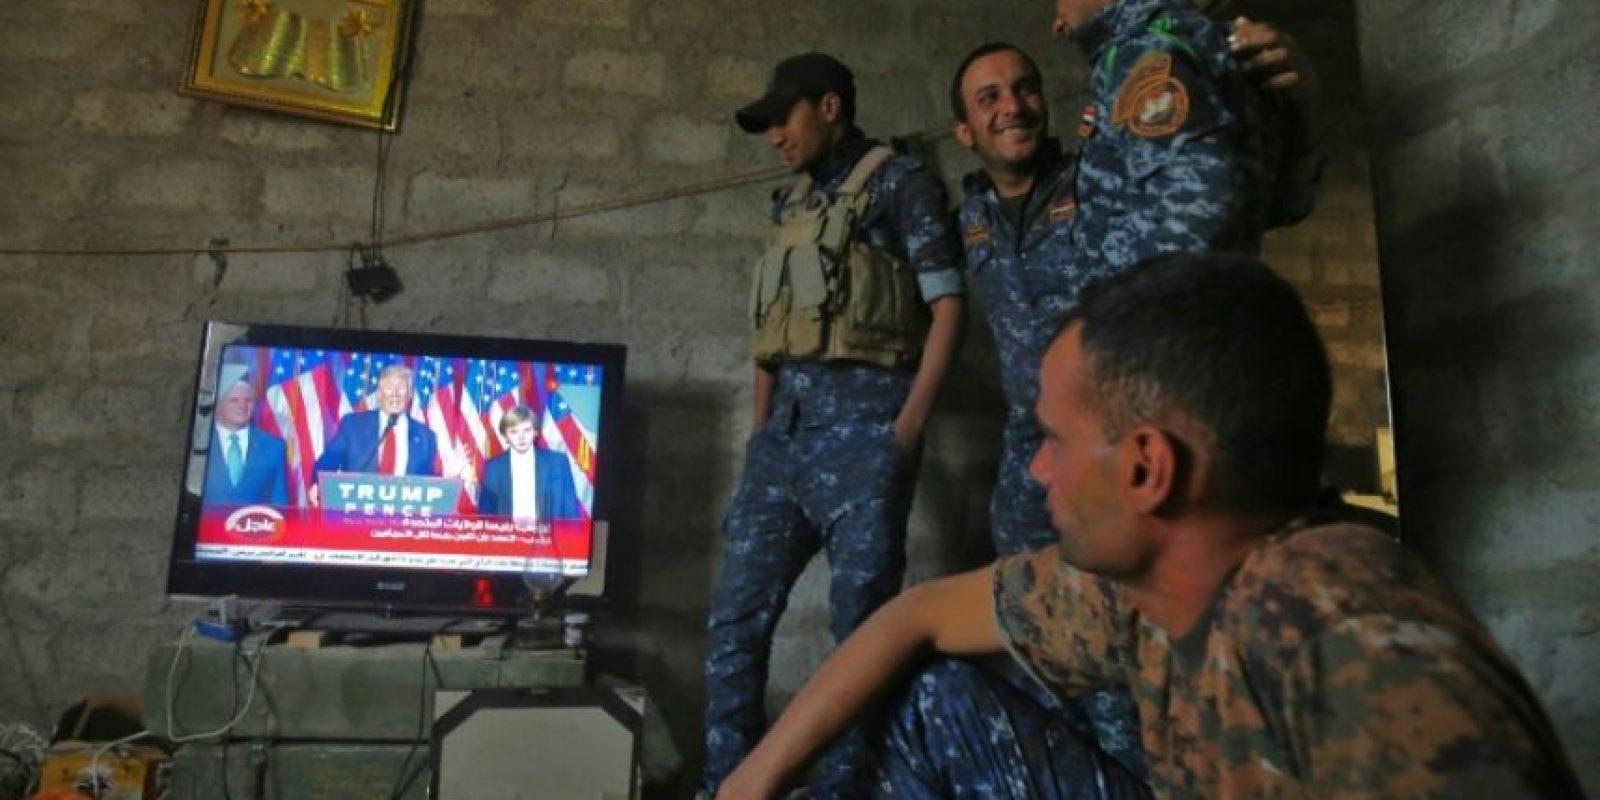 Combatientes de las fuerzas iraquíes ven en televisión un mítin del ganador de las elecciones estadounidenses, Donald Trump, en Arbid, a las afueras del sur de Mosul, el 9 de noviembre de 2016 Foto:Ahmad Al-Rubaye/afp.com